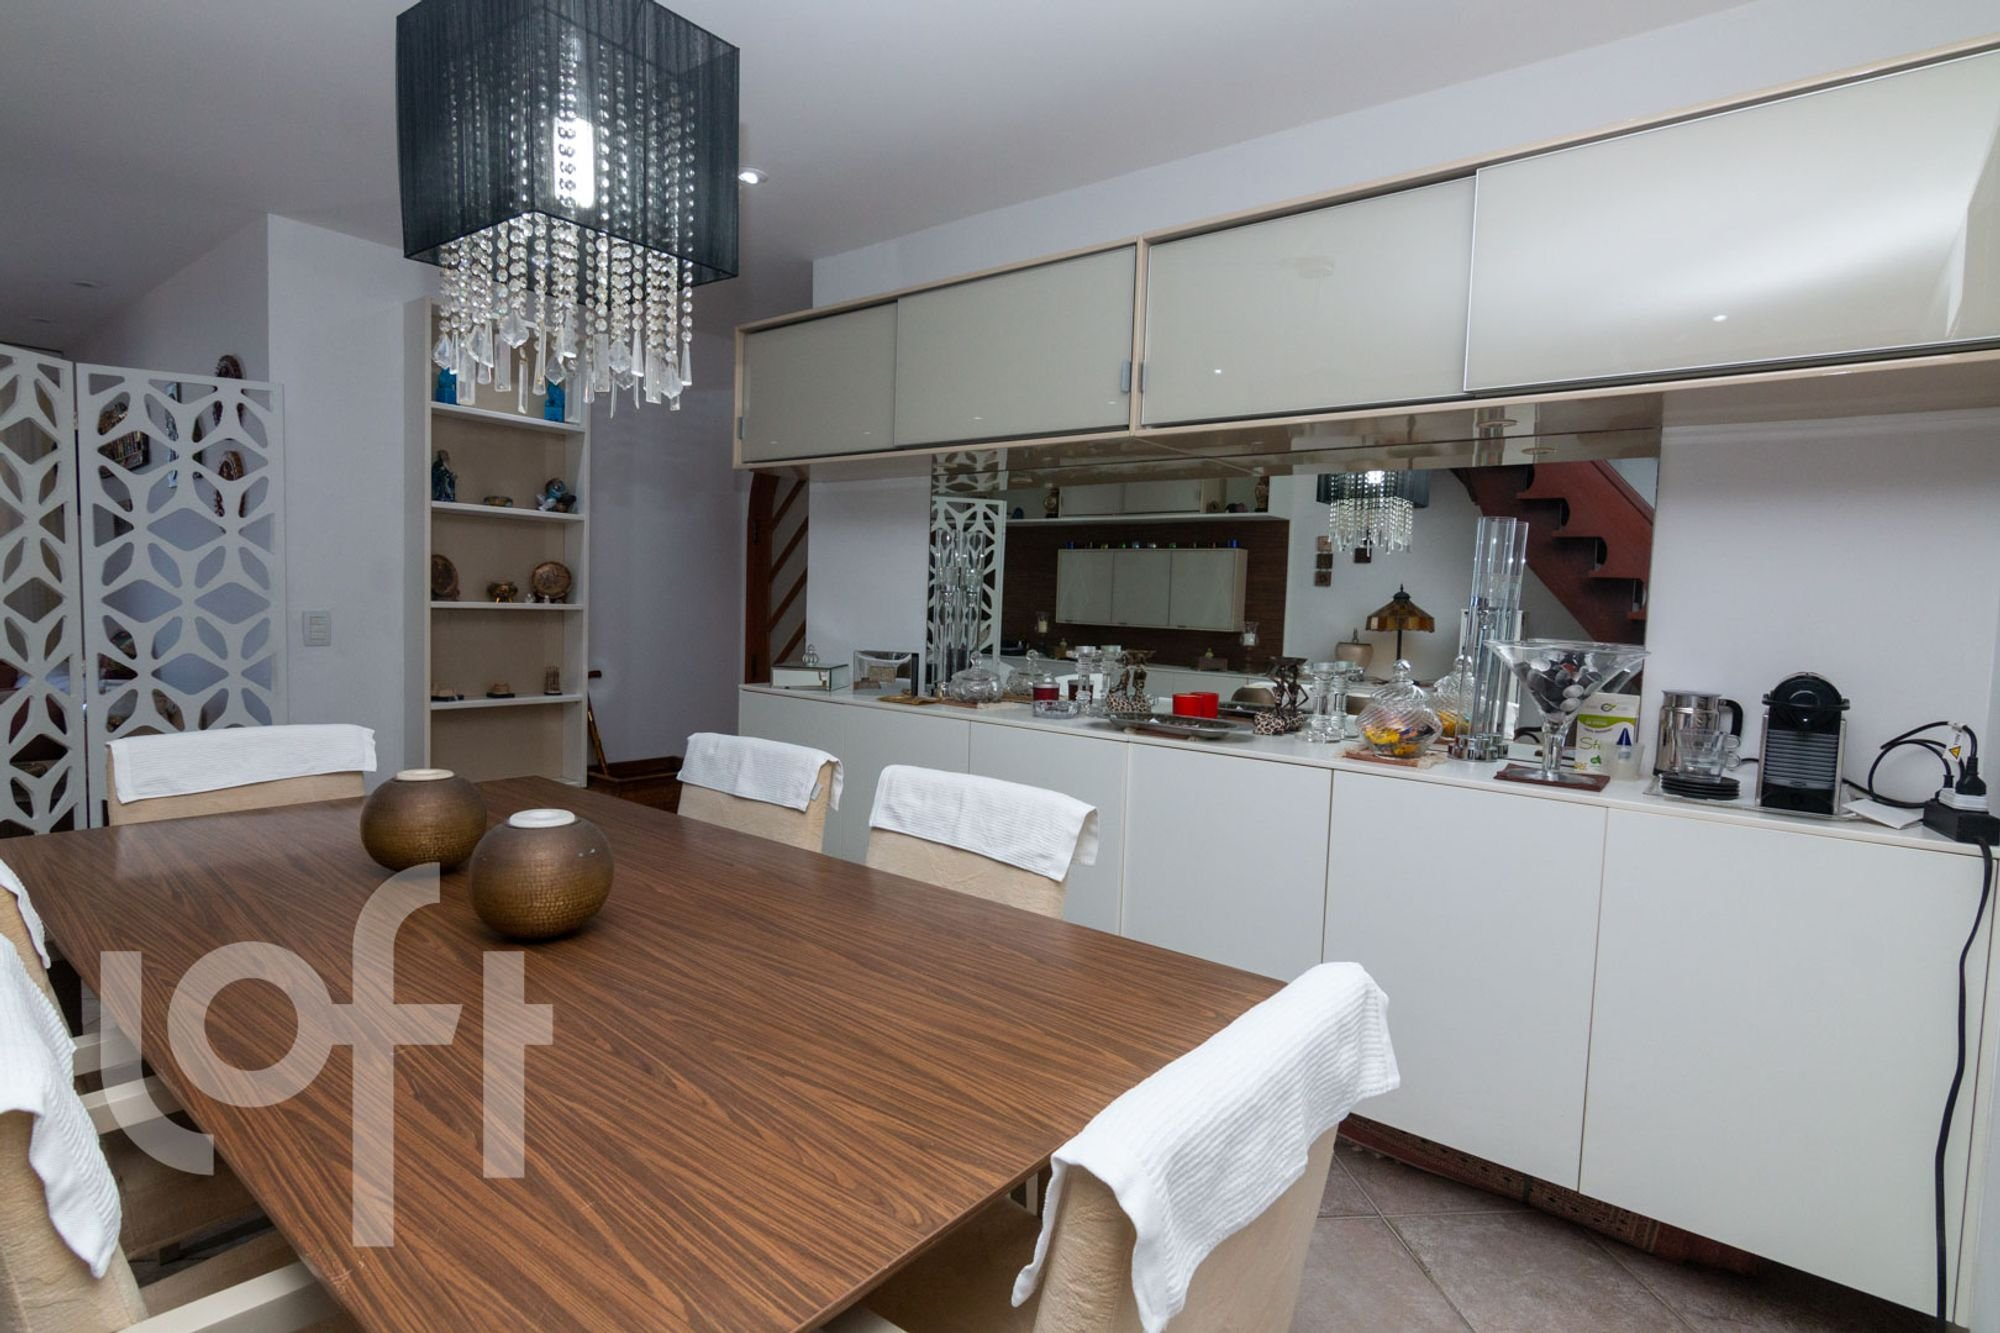 Foto de Cozinha com televisão, vaso, cadeira, mesa de jantar